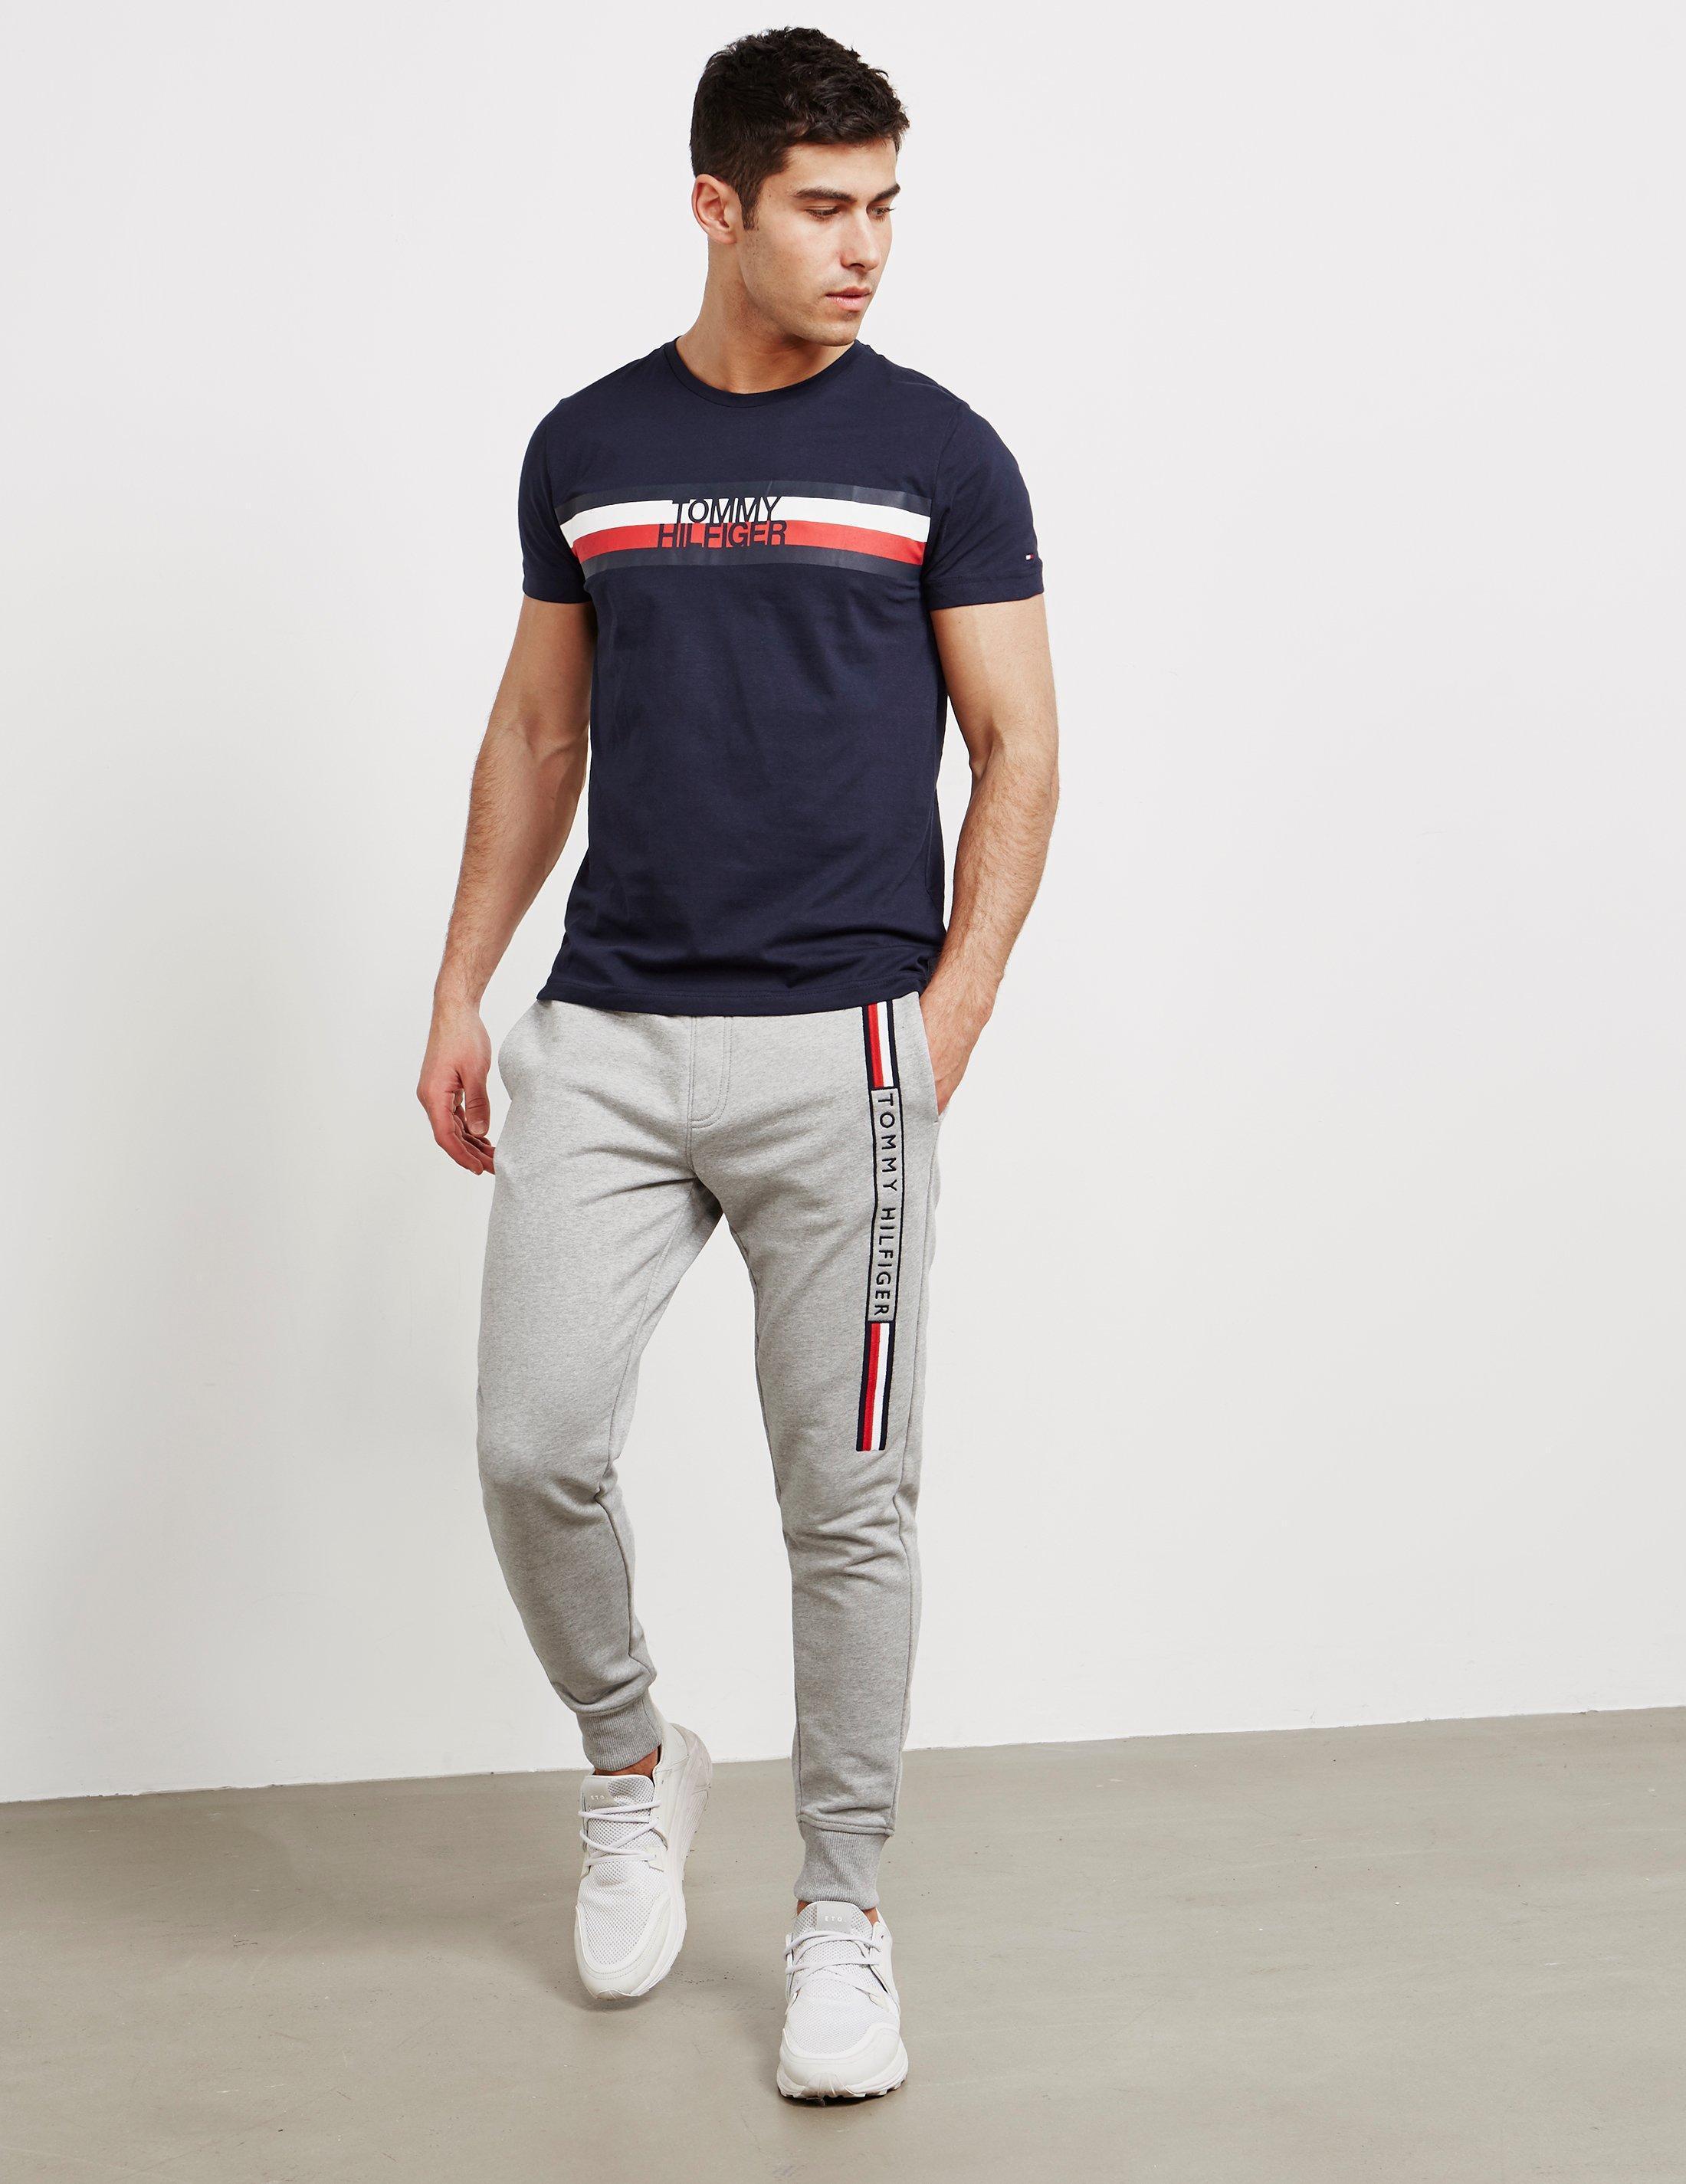 056a03c5 Lyst - Tommy Hilfiger Flag Logo Short Sleeve T-shirt Black in Black for Men